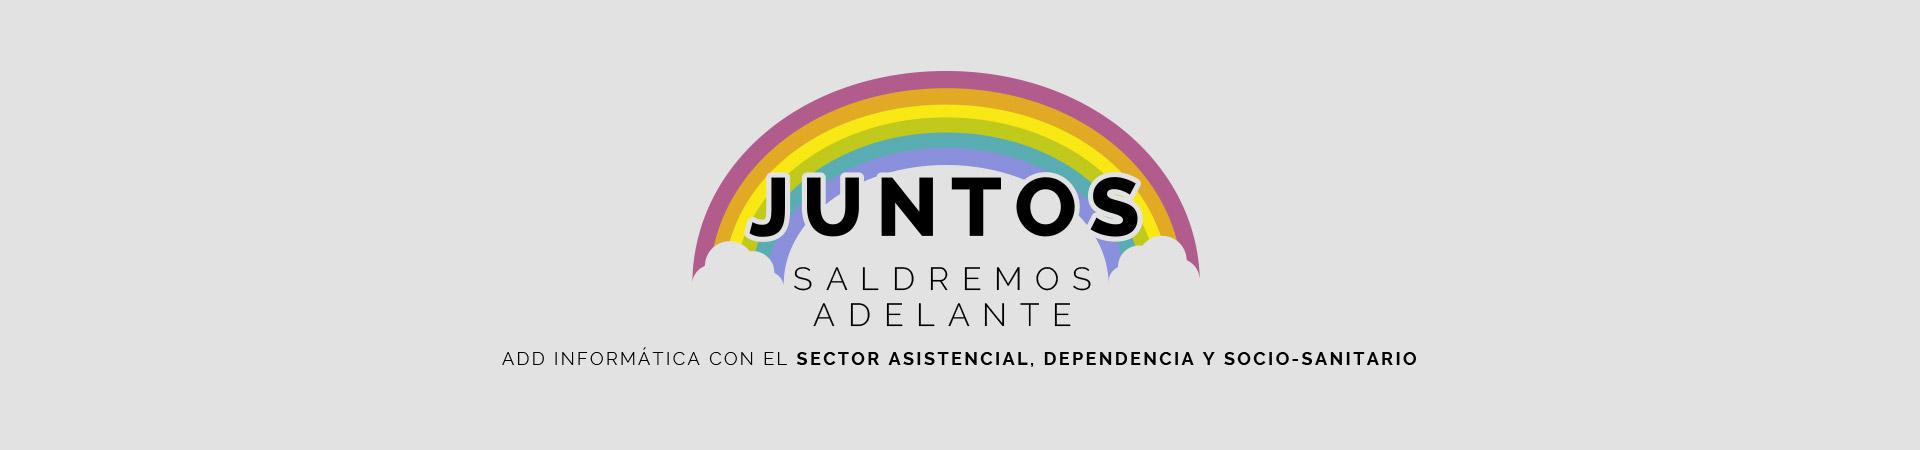 ADD-Banner-Juntos2-1920x450-ES